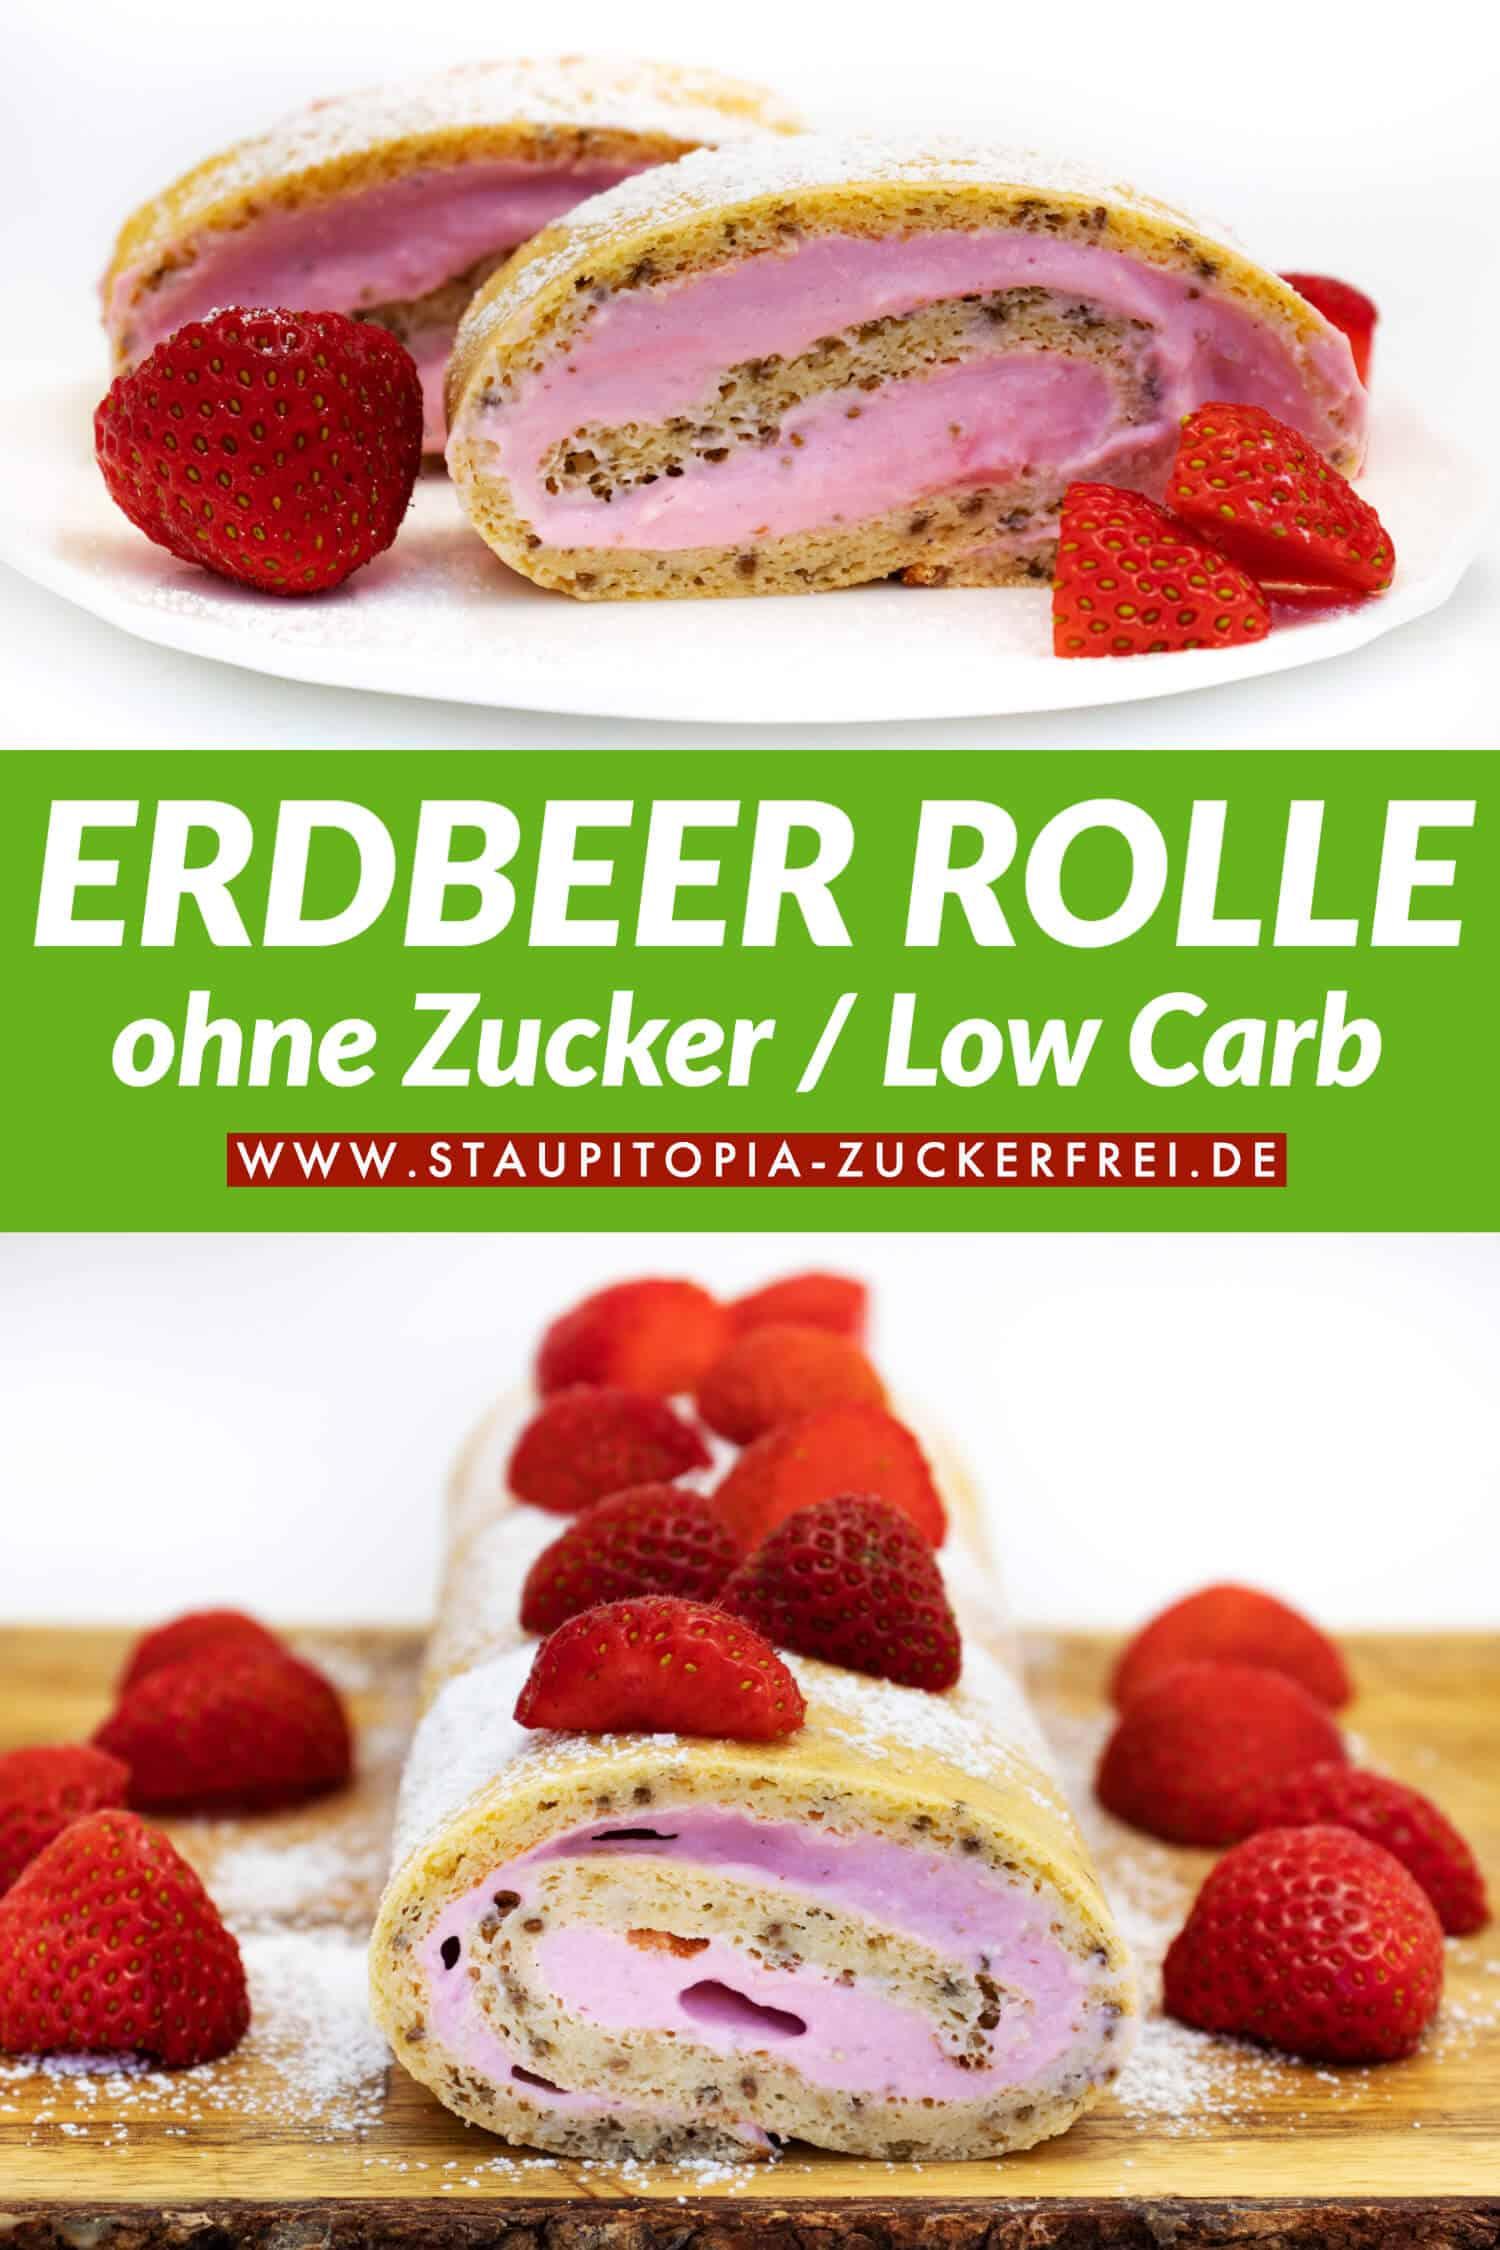 Low Carb Erdbeerrolle selber backen